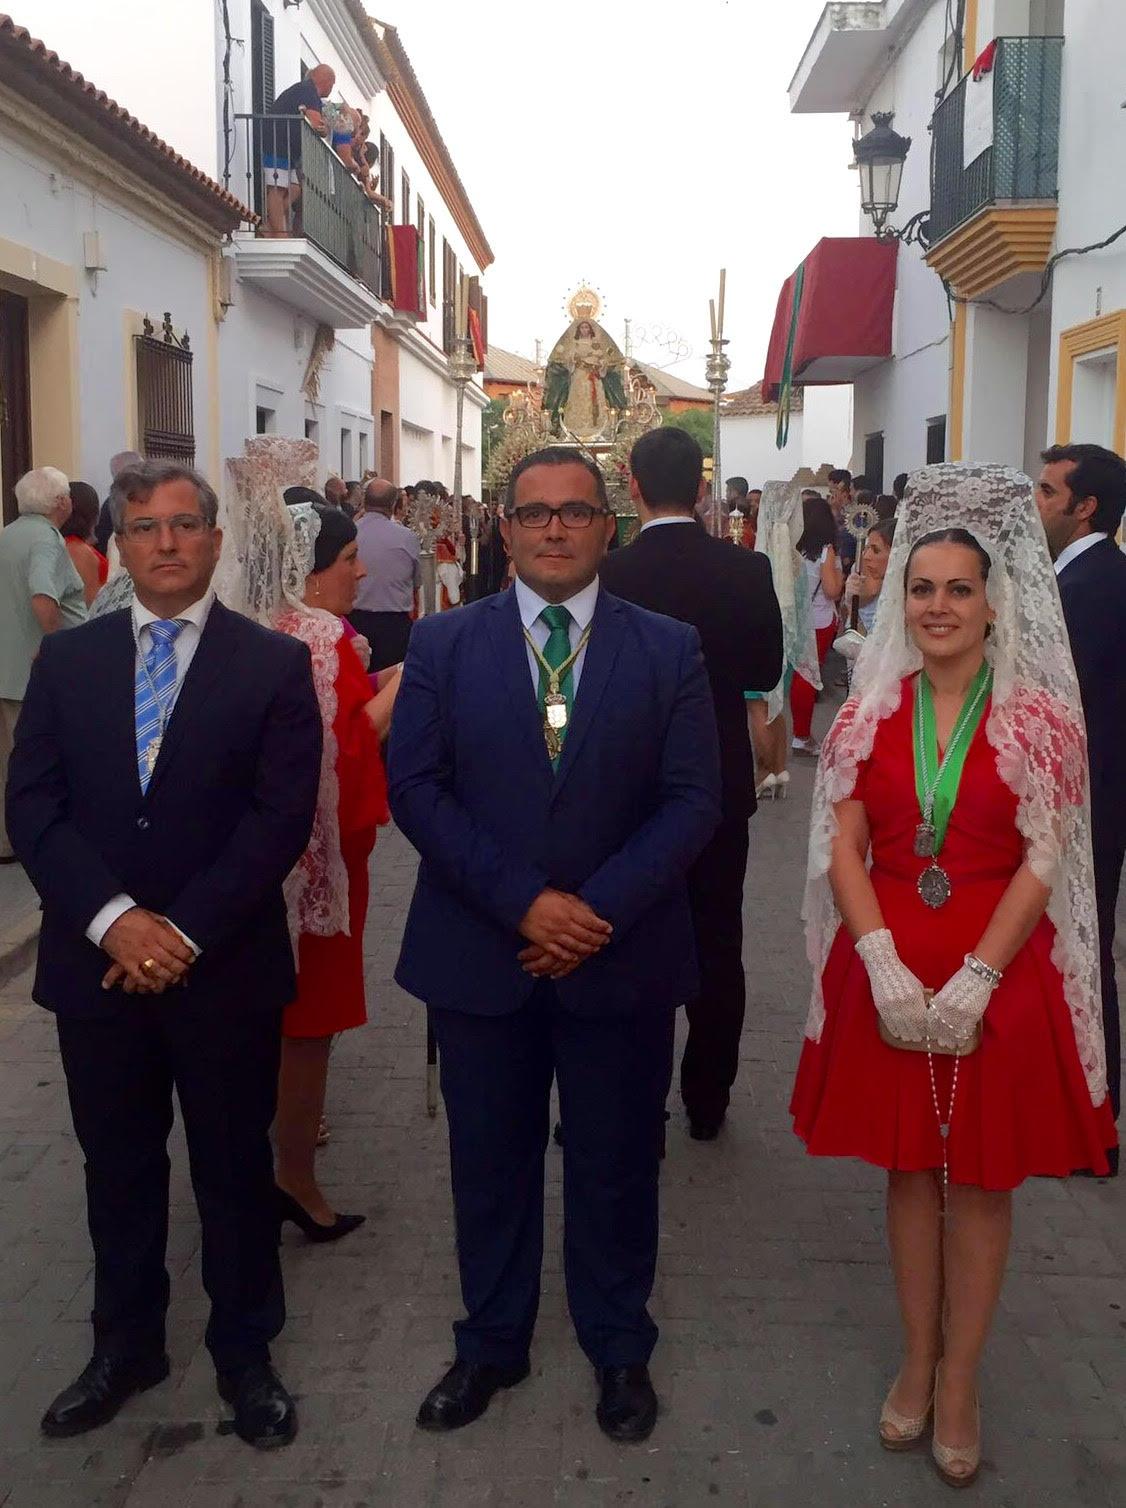 Con la procesión de la Virgen de la Esperanza se cierra las fiestas de La Redondela